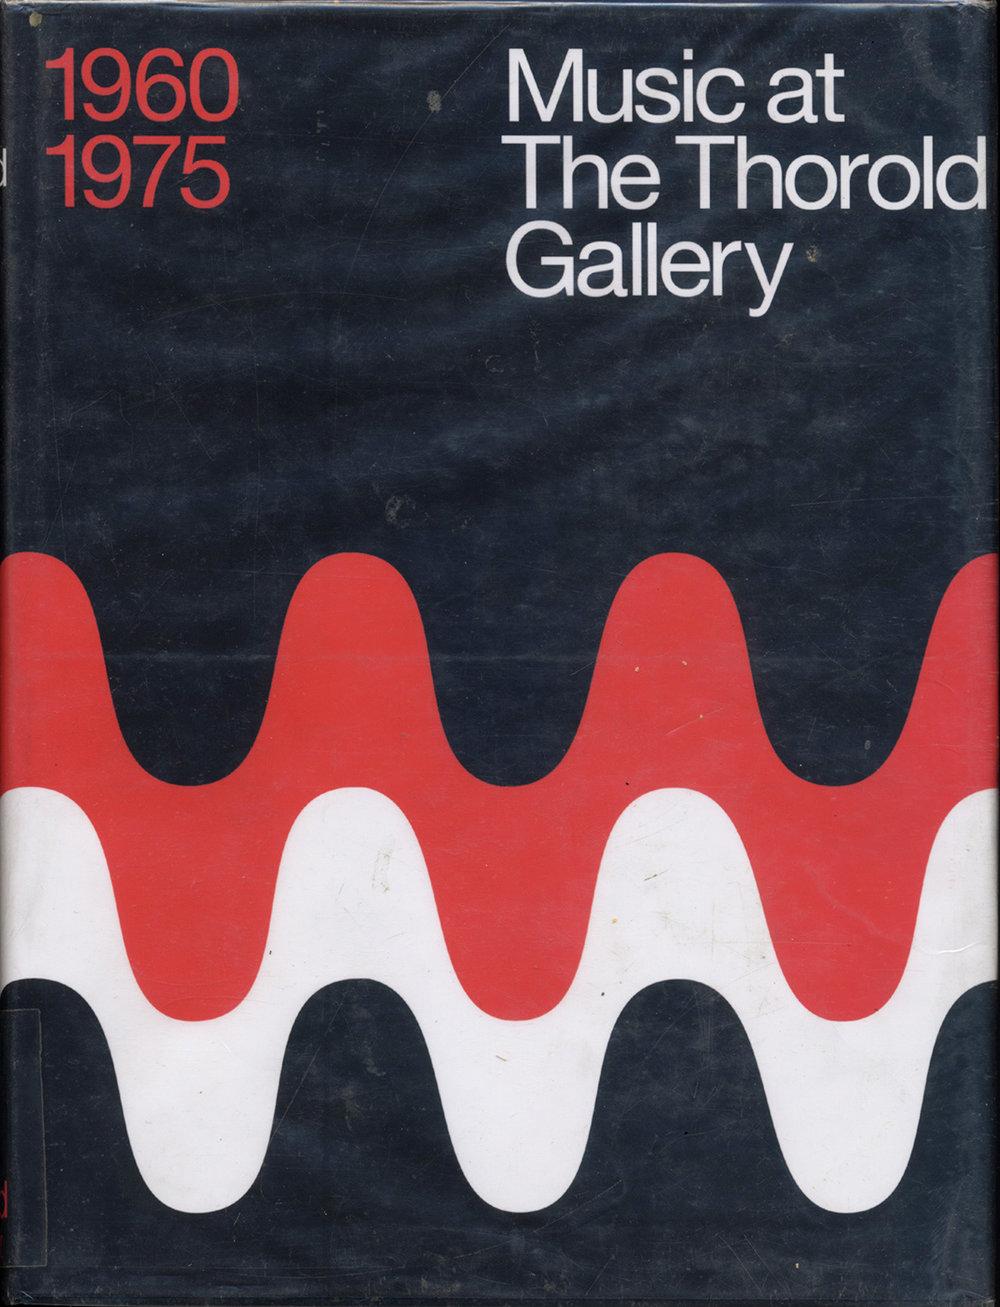 thorold music-1.jpg